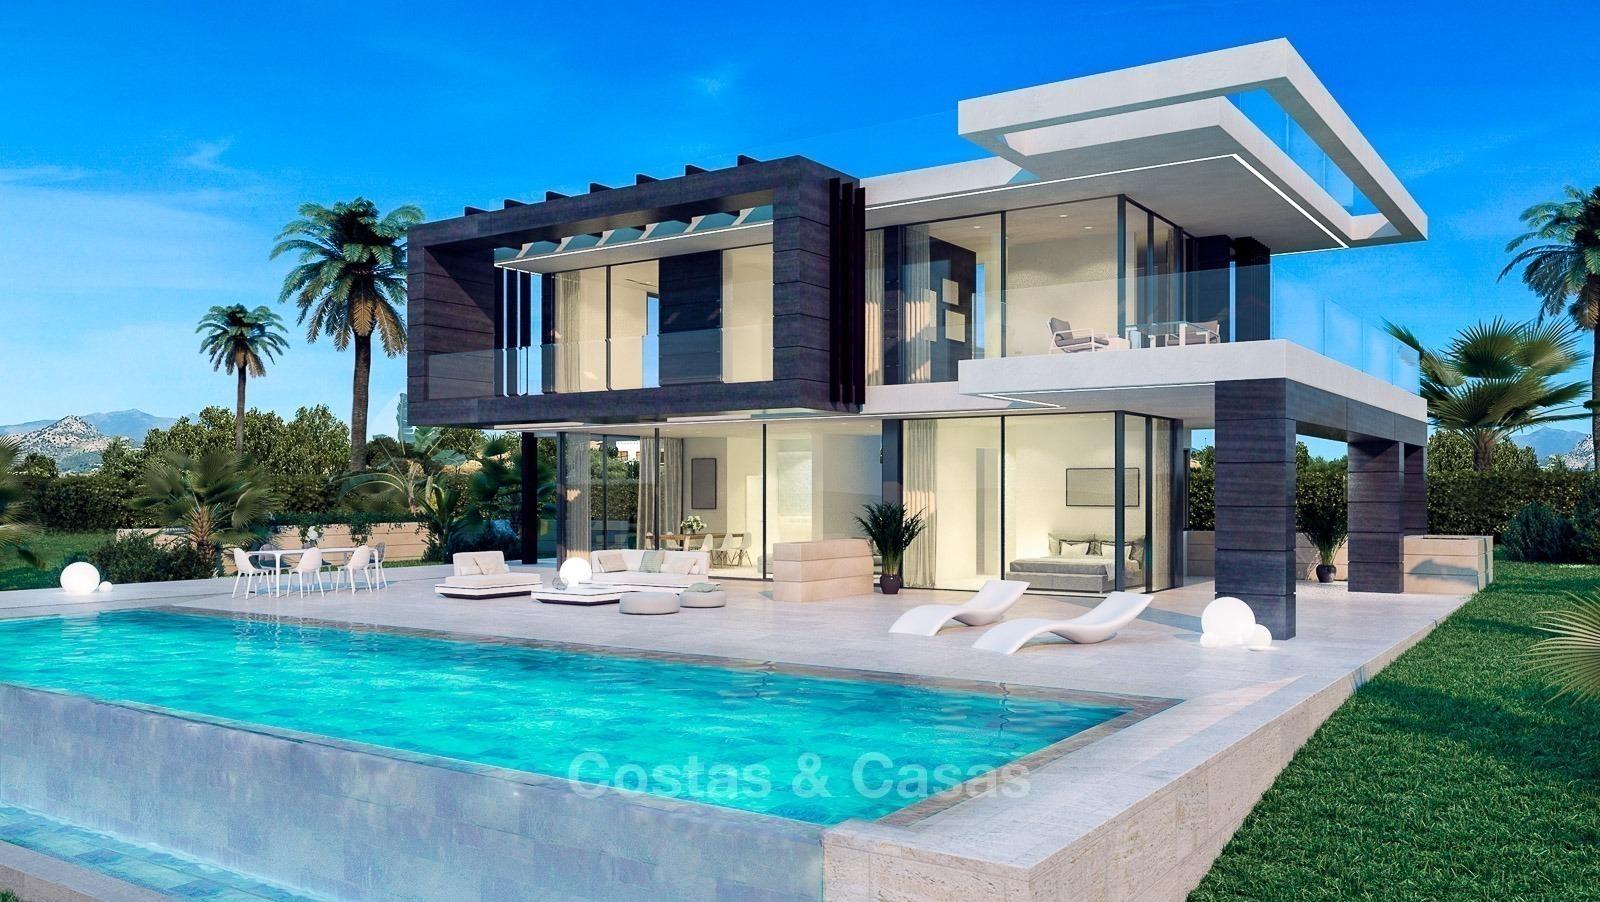 new modern villa for sale frontline golf sea view estepona. Black Bedroom Furniture Sets. Home Design Ideas